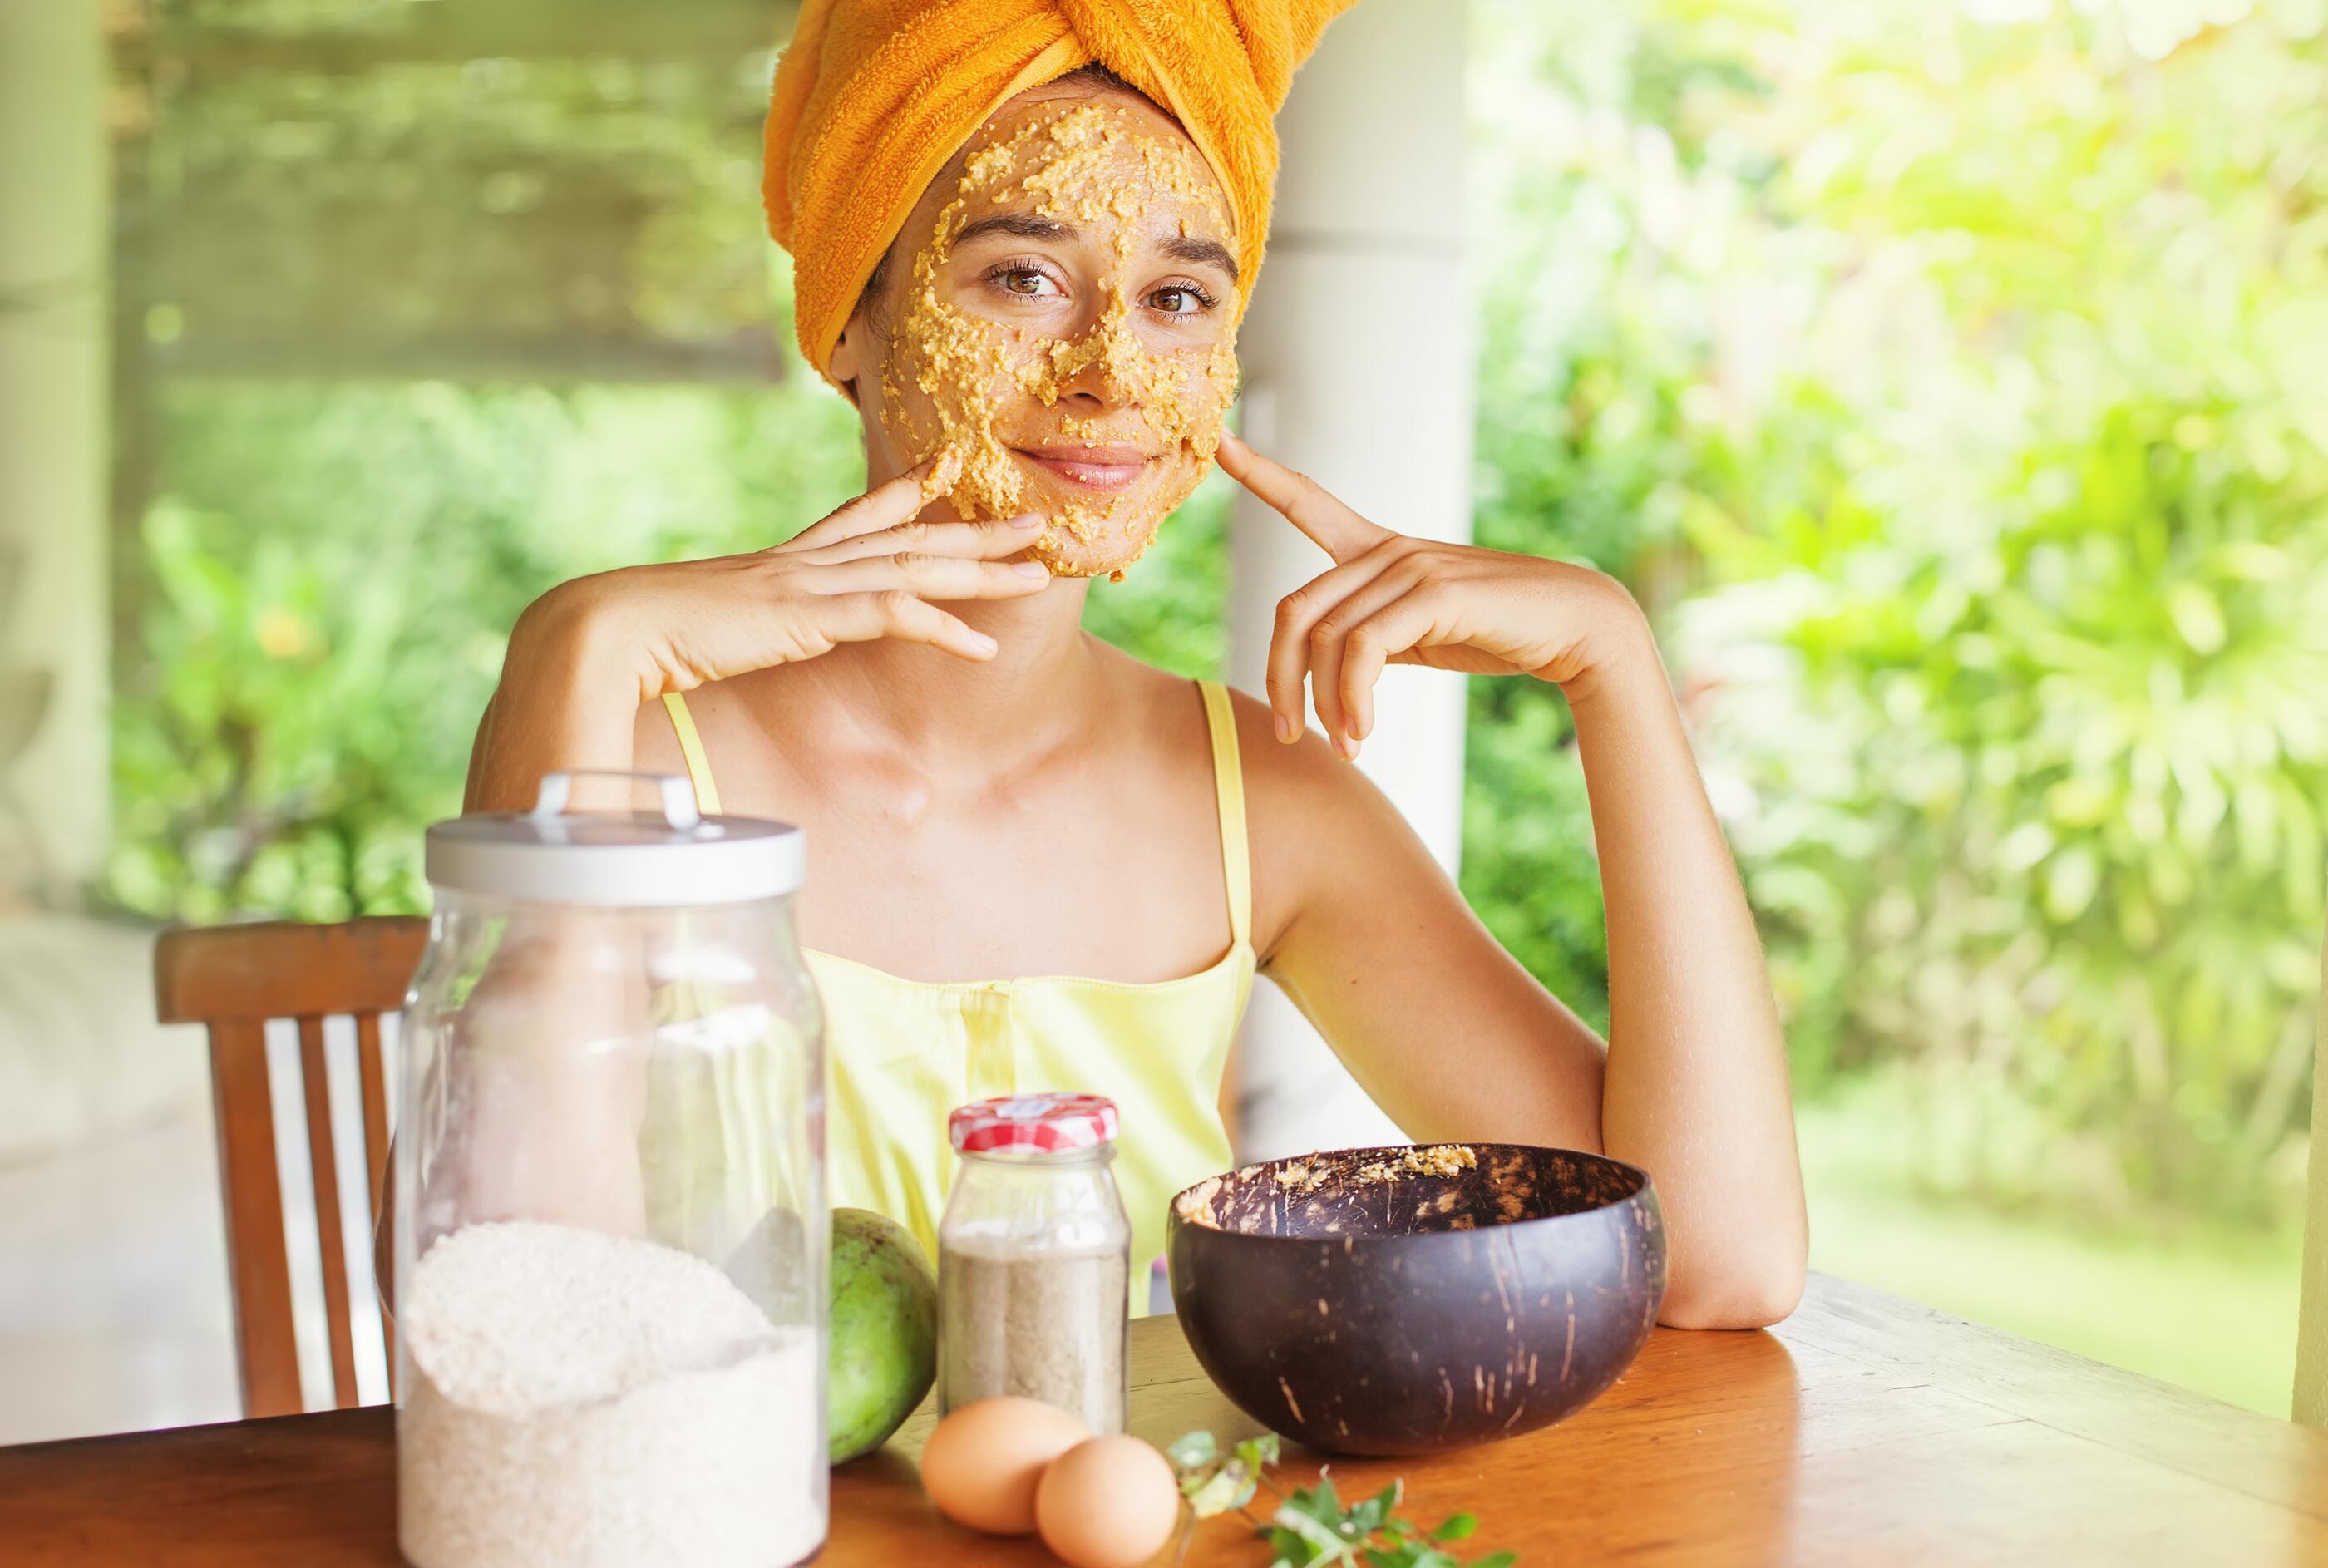 Bild zu Beauty, Maske, DIY, selbst, zuhause, nachhaltig, Pflege, Creme